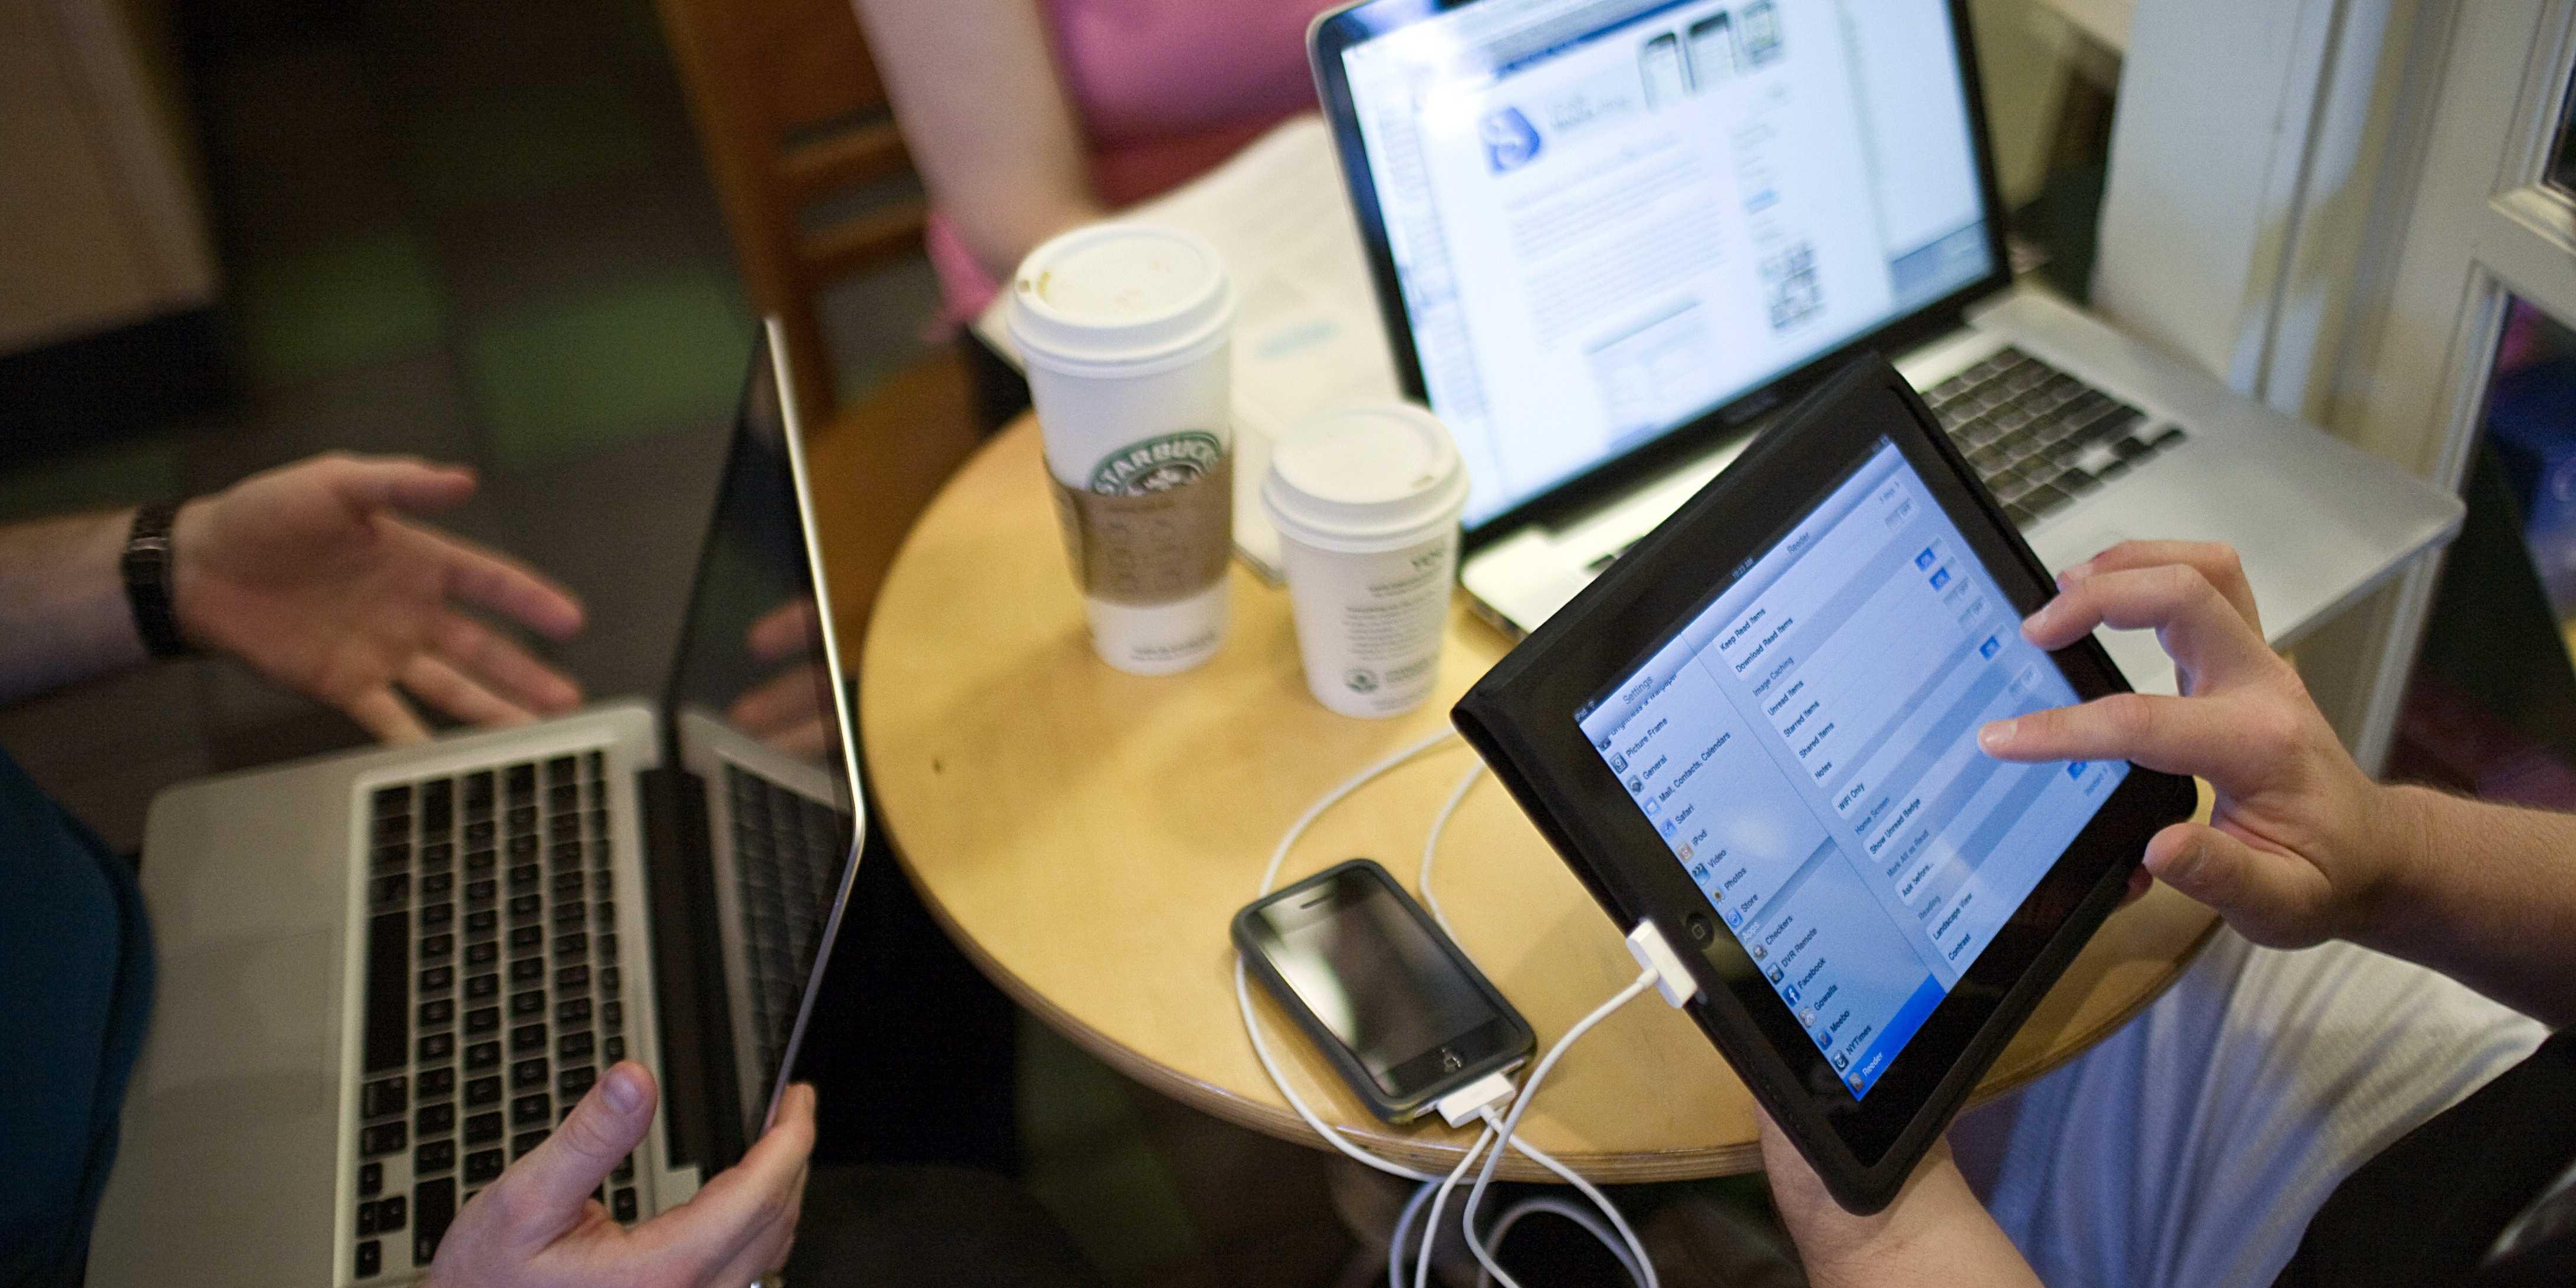 ایتالیا برای رونق اقتصاد خود، WiFi رایگان عرضه میکند!